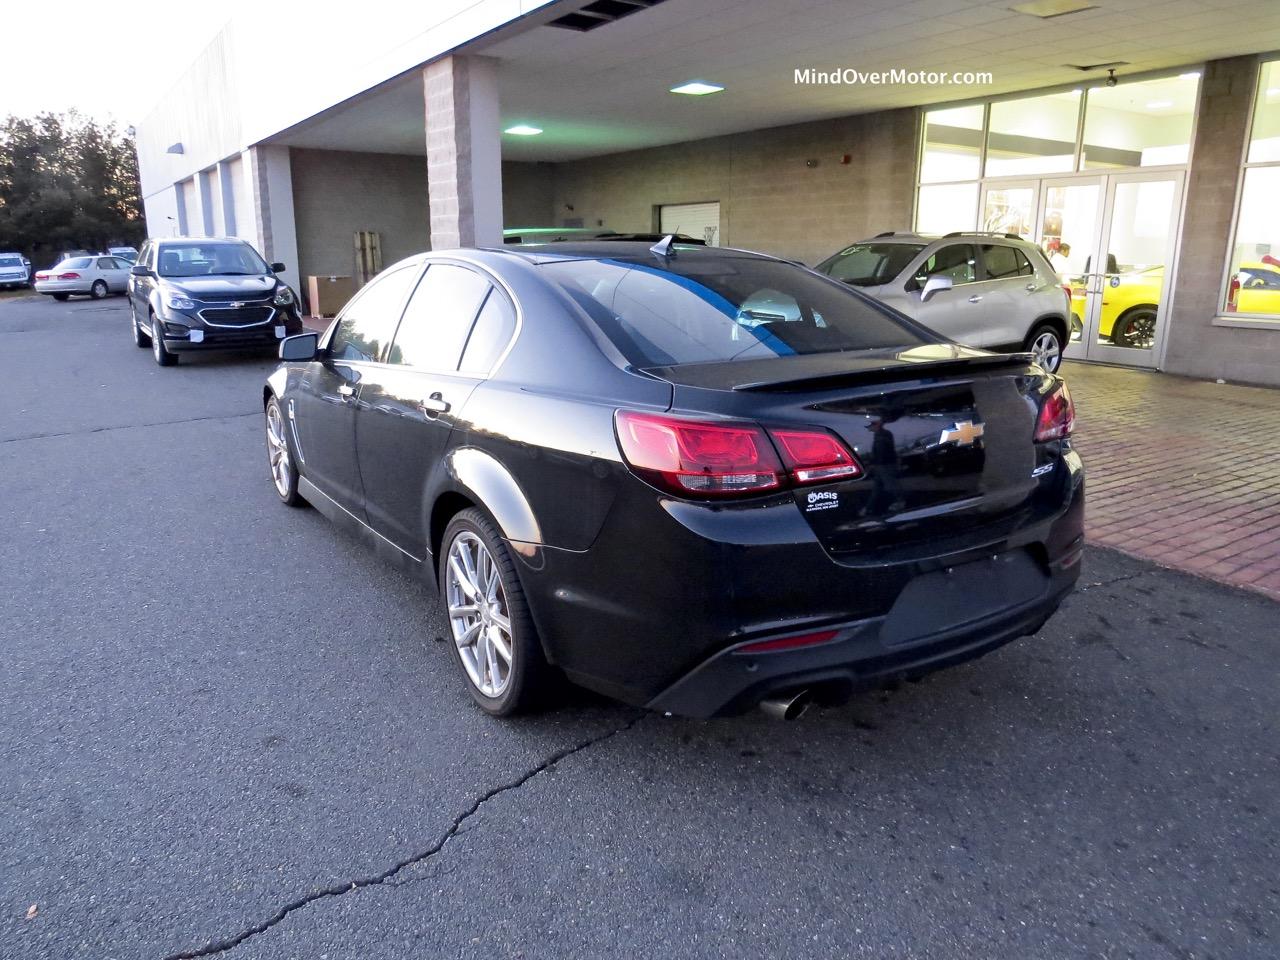 2014 Chevrolet SS Rear